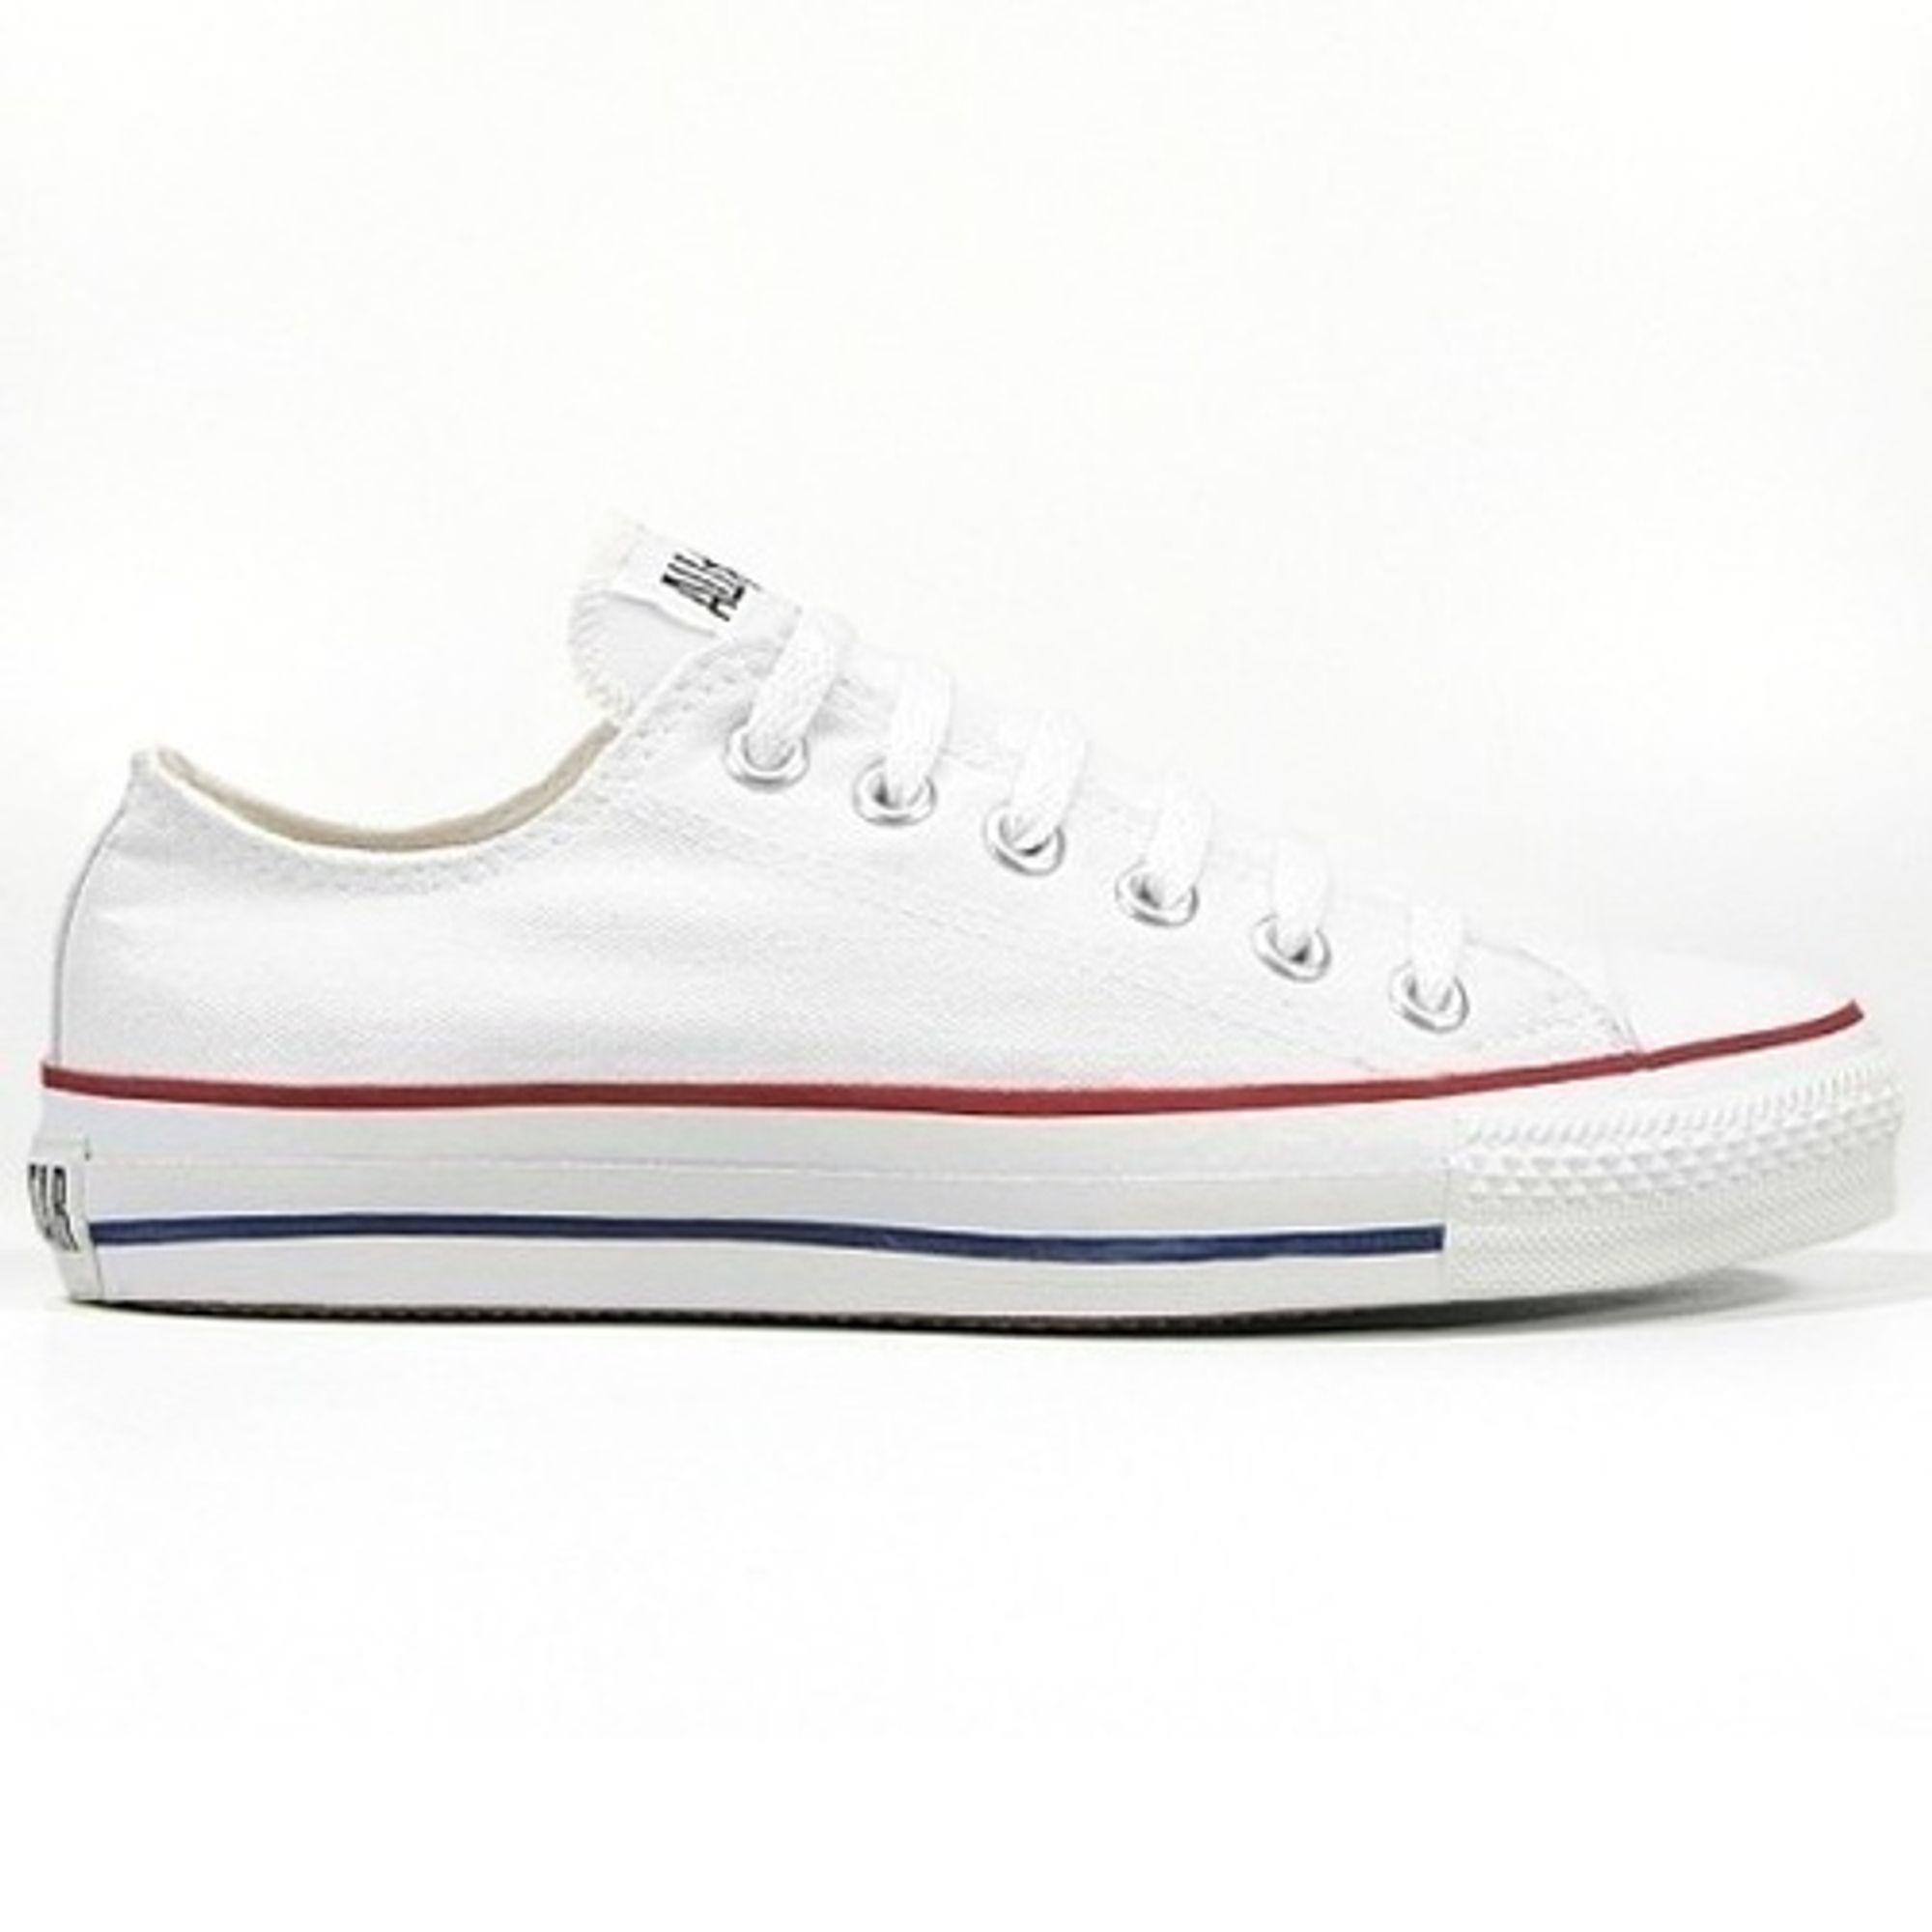 Converse Herren Schuhe All Star Ox Weiß M7652C Turnschuhe Chucks Gr. 44 Weiß